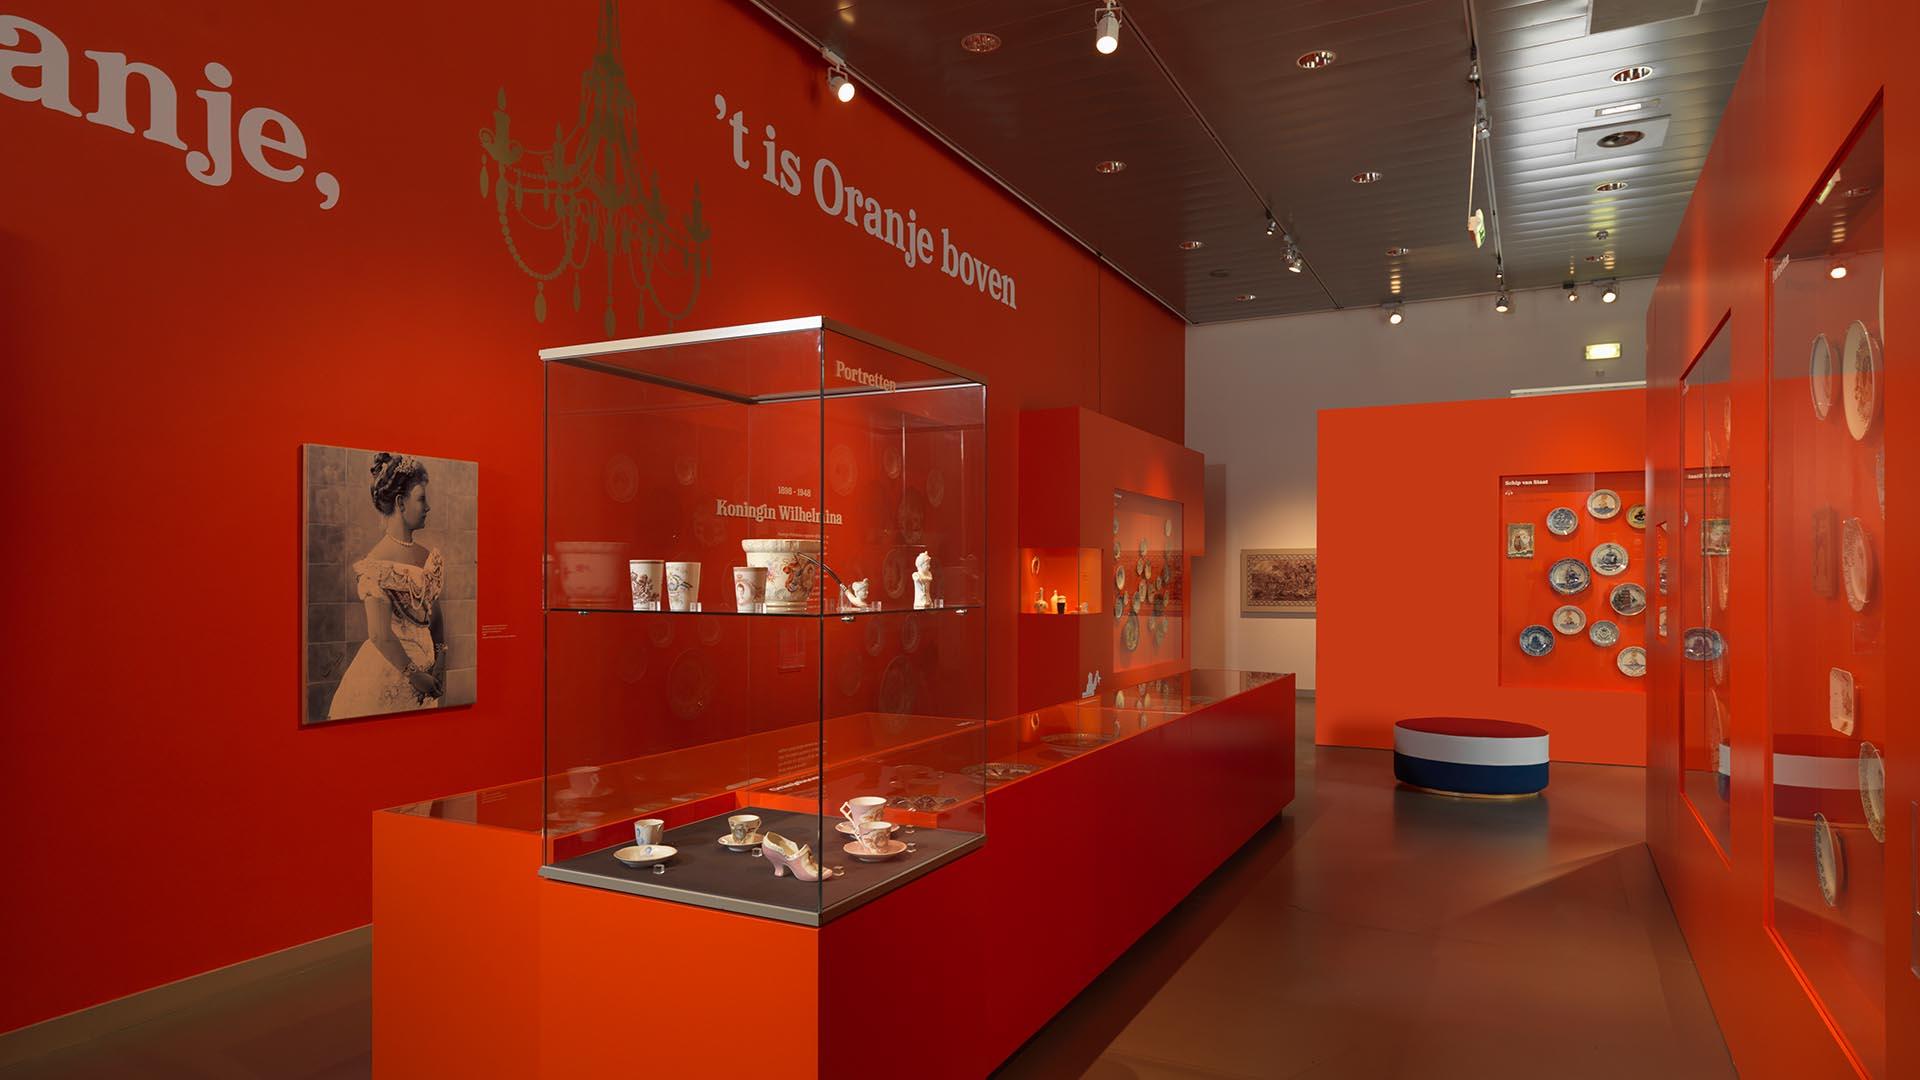 Keramiekmuseum Princessehof Oranjegoed